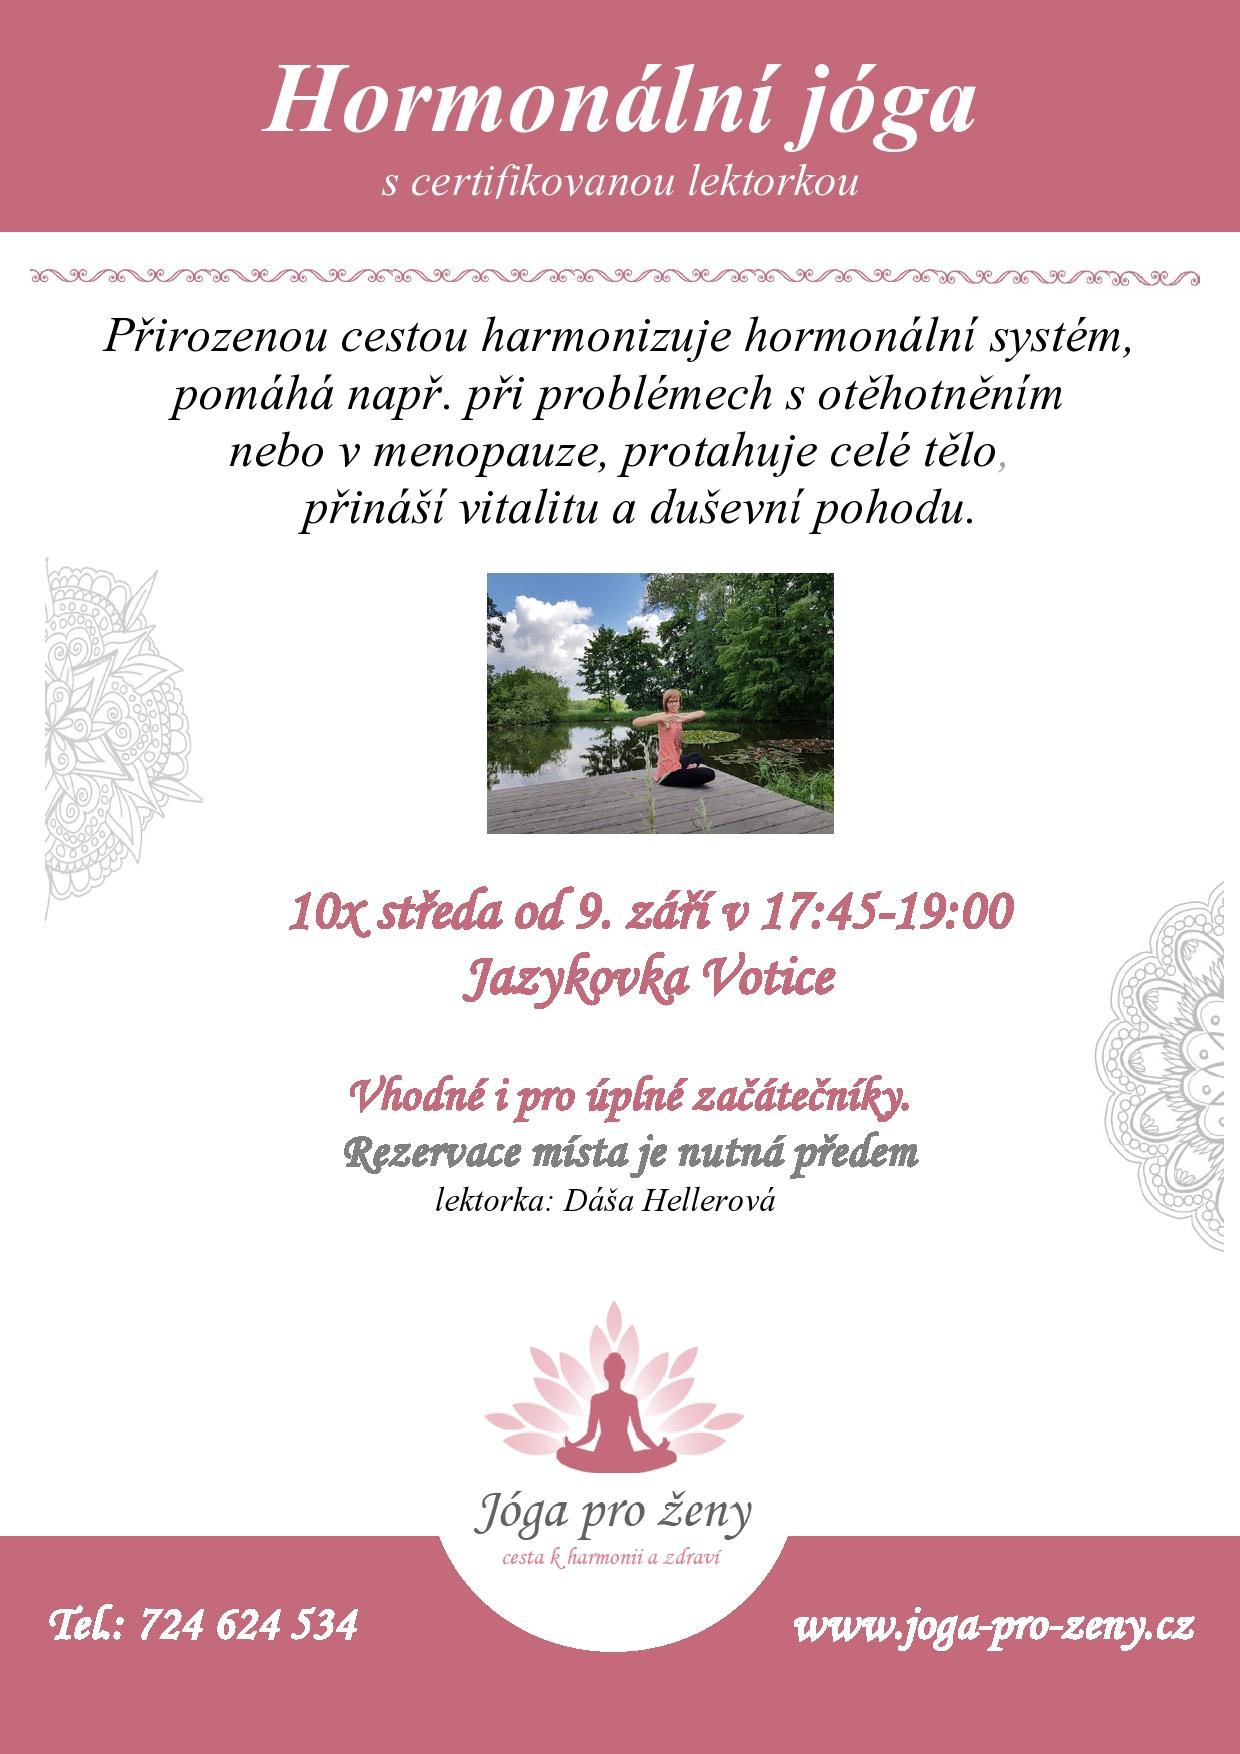 Hormonalni joga pro ženy Votice